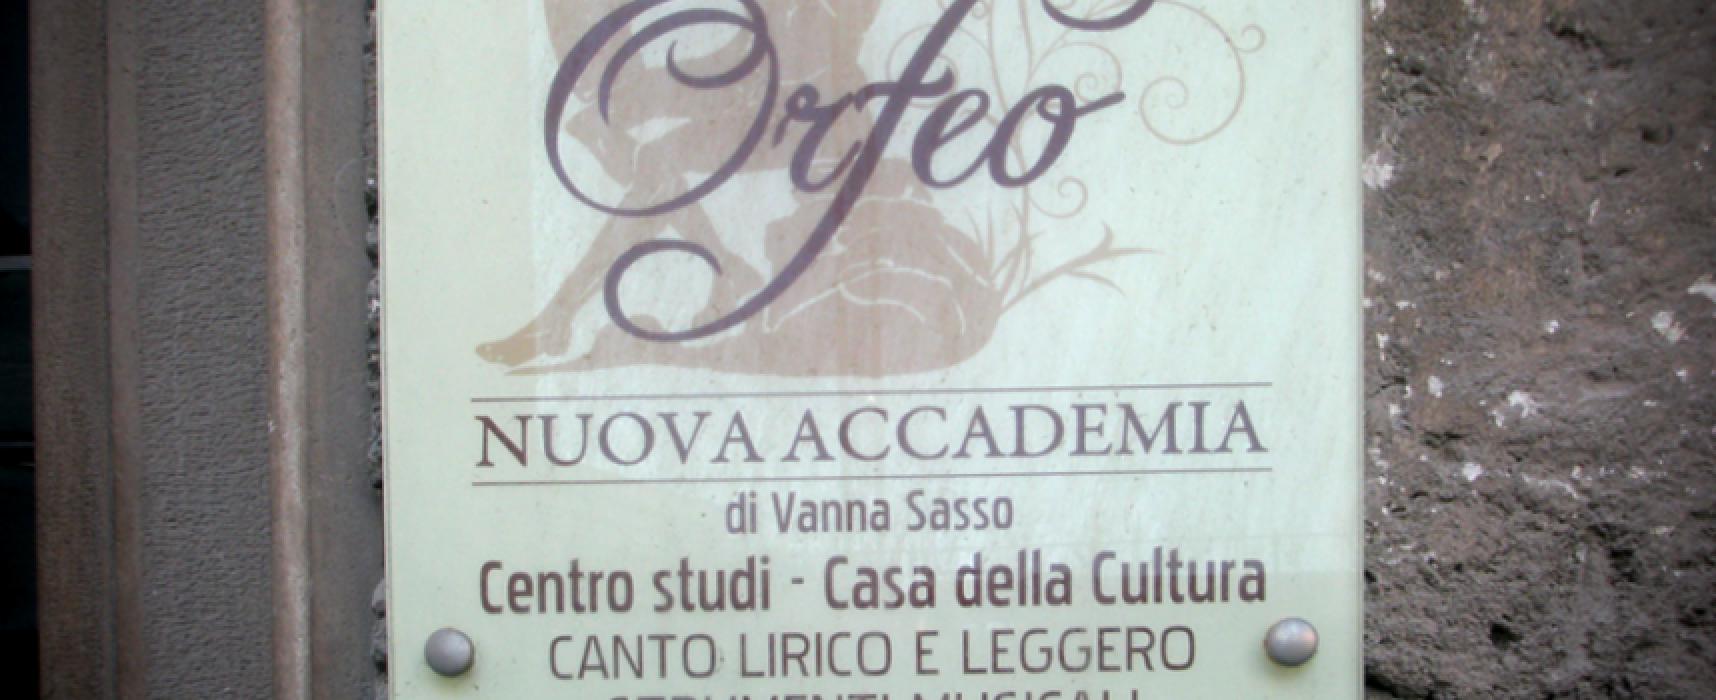 Nuova Accademia Orfeo, due eventi nella Zona Pedonale di via Nazario Sauro